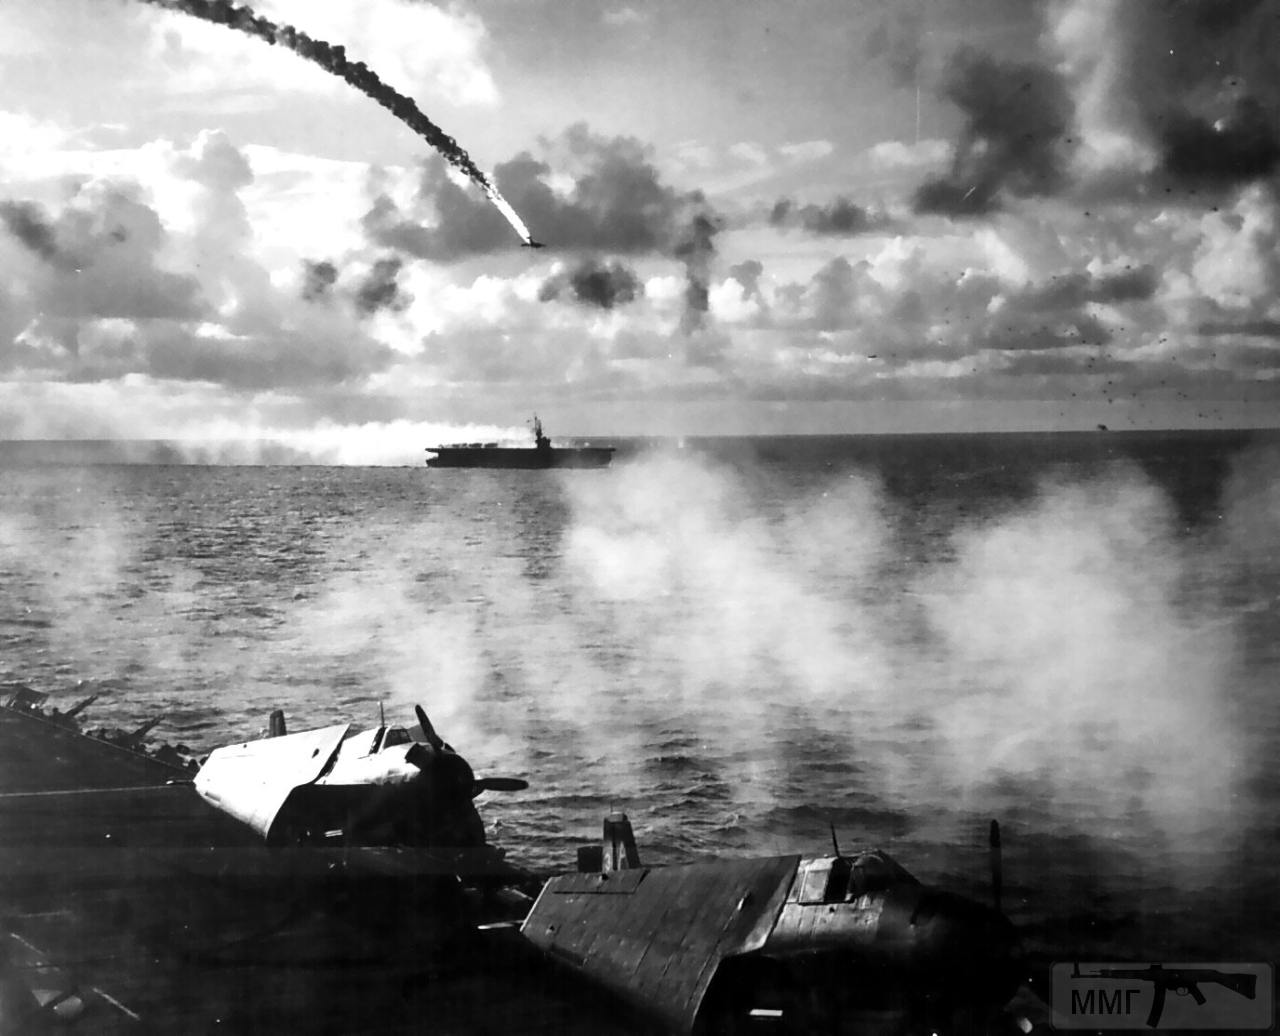 14459 - Июнь 1944, японский бомбардировщик подбит при попытке атаковать USS Kitkun Bay неподалеку от Марианских островов.